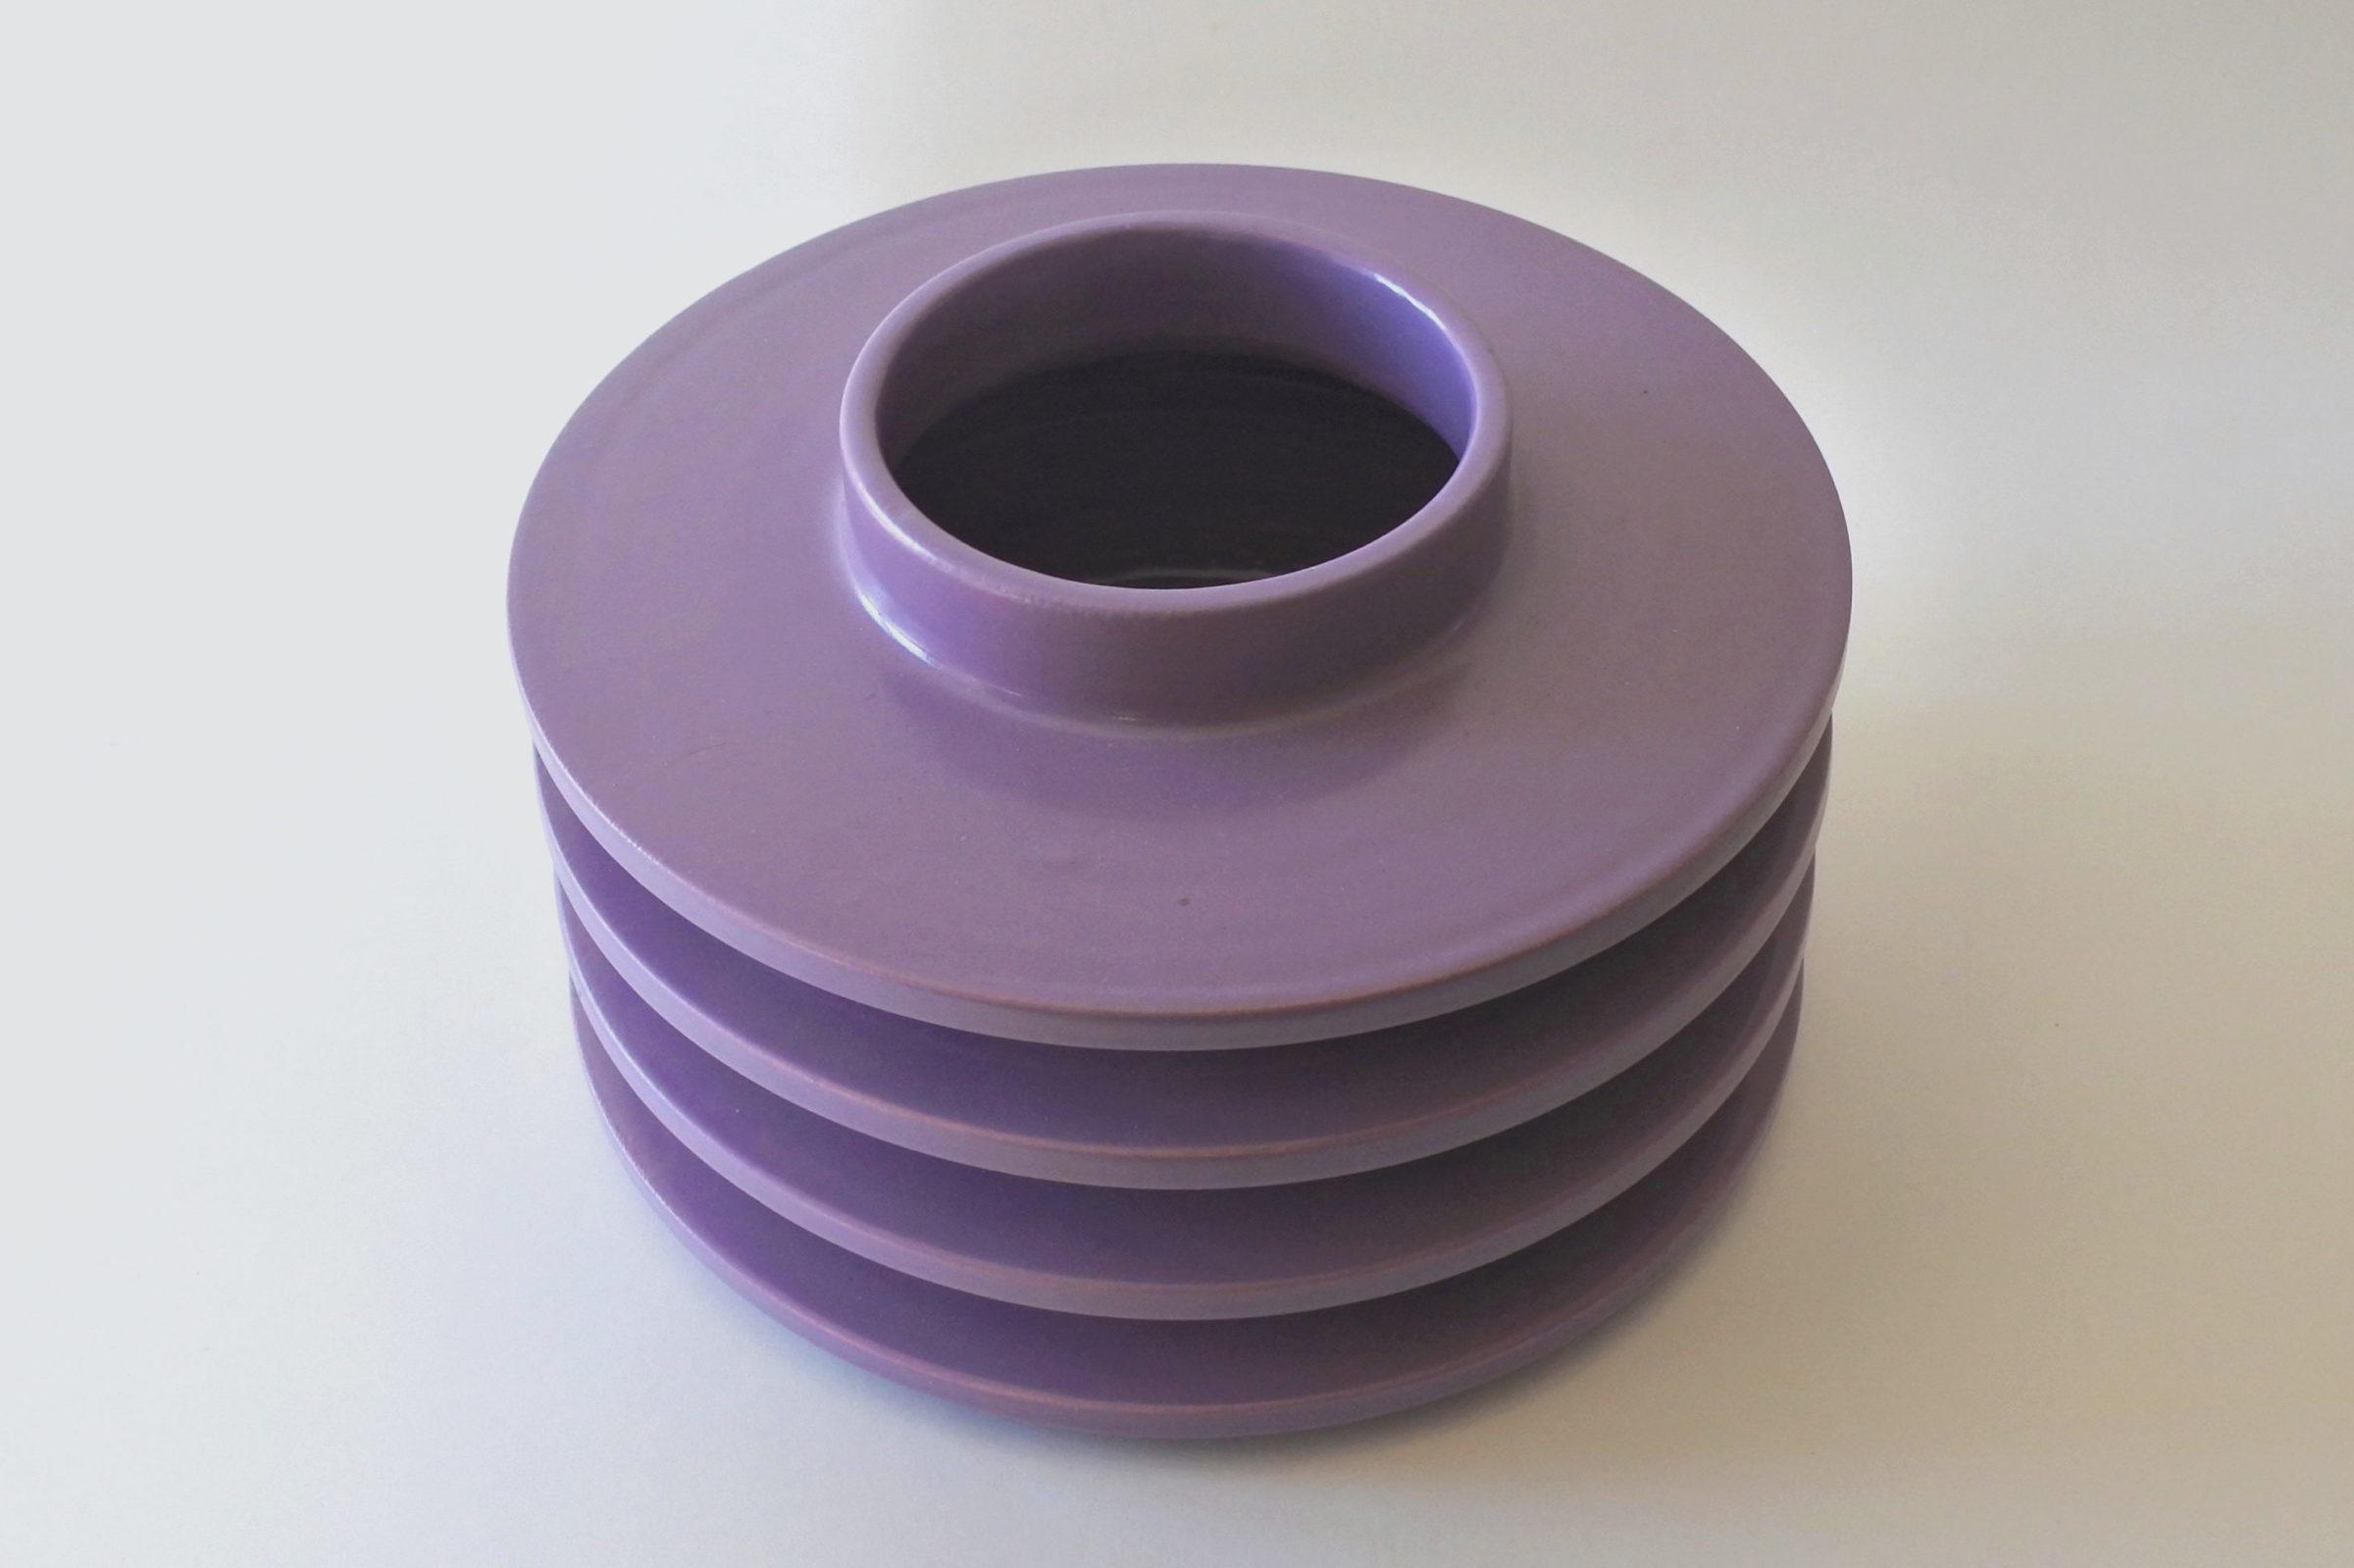 Vaso isolatore in ceramica viola - E. Sottsass per ceramiche Bitossi - 2